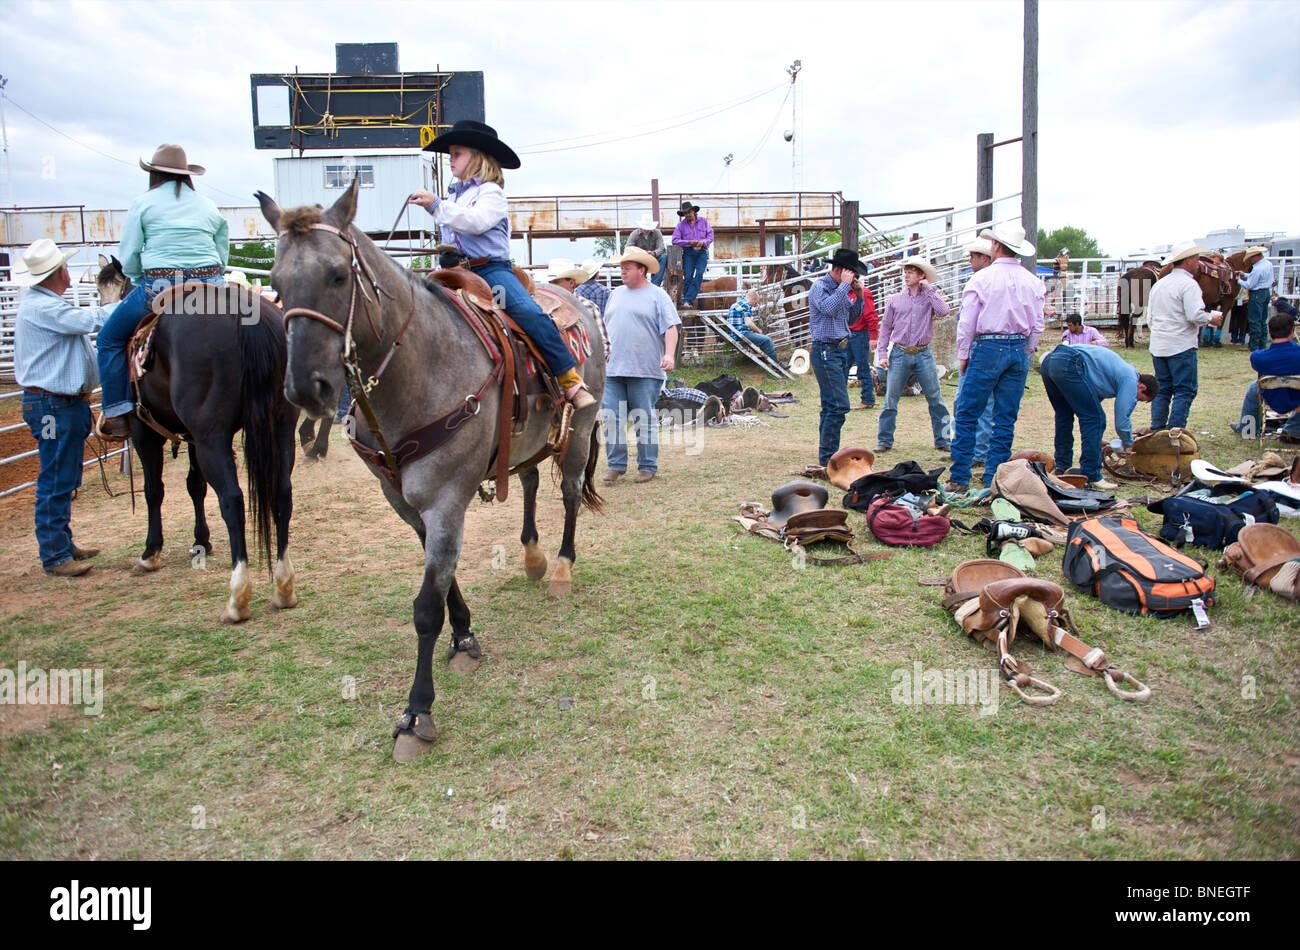 Cowgirl hípica backstage en PRCA Rodeo evento en smalltown Bridgeport, Texas, EE.UU. Foto de stock